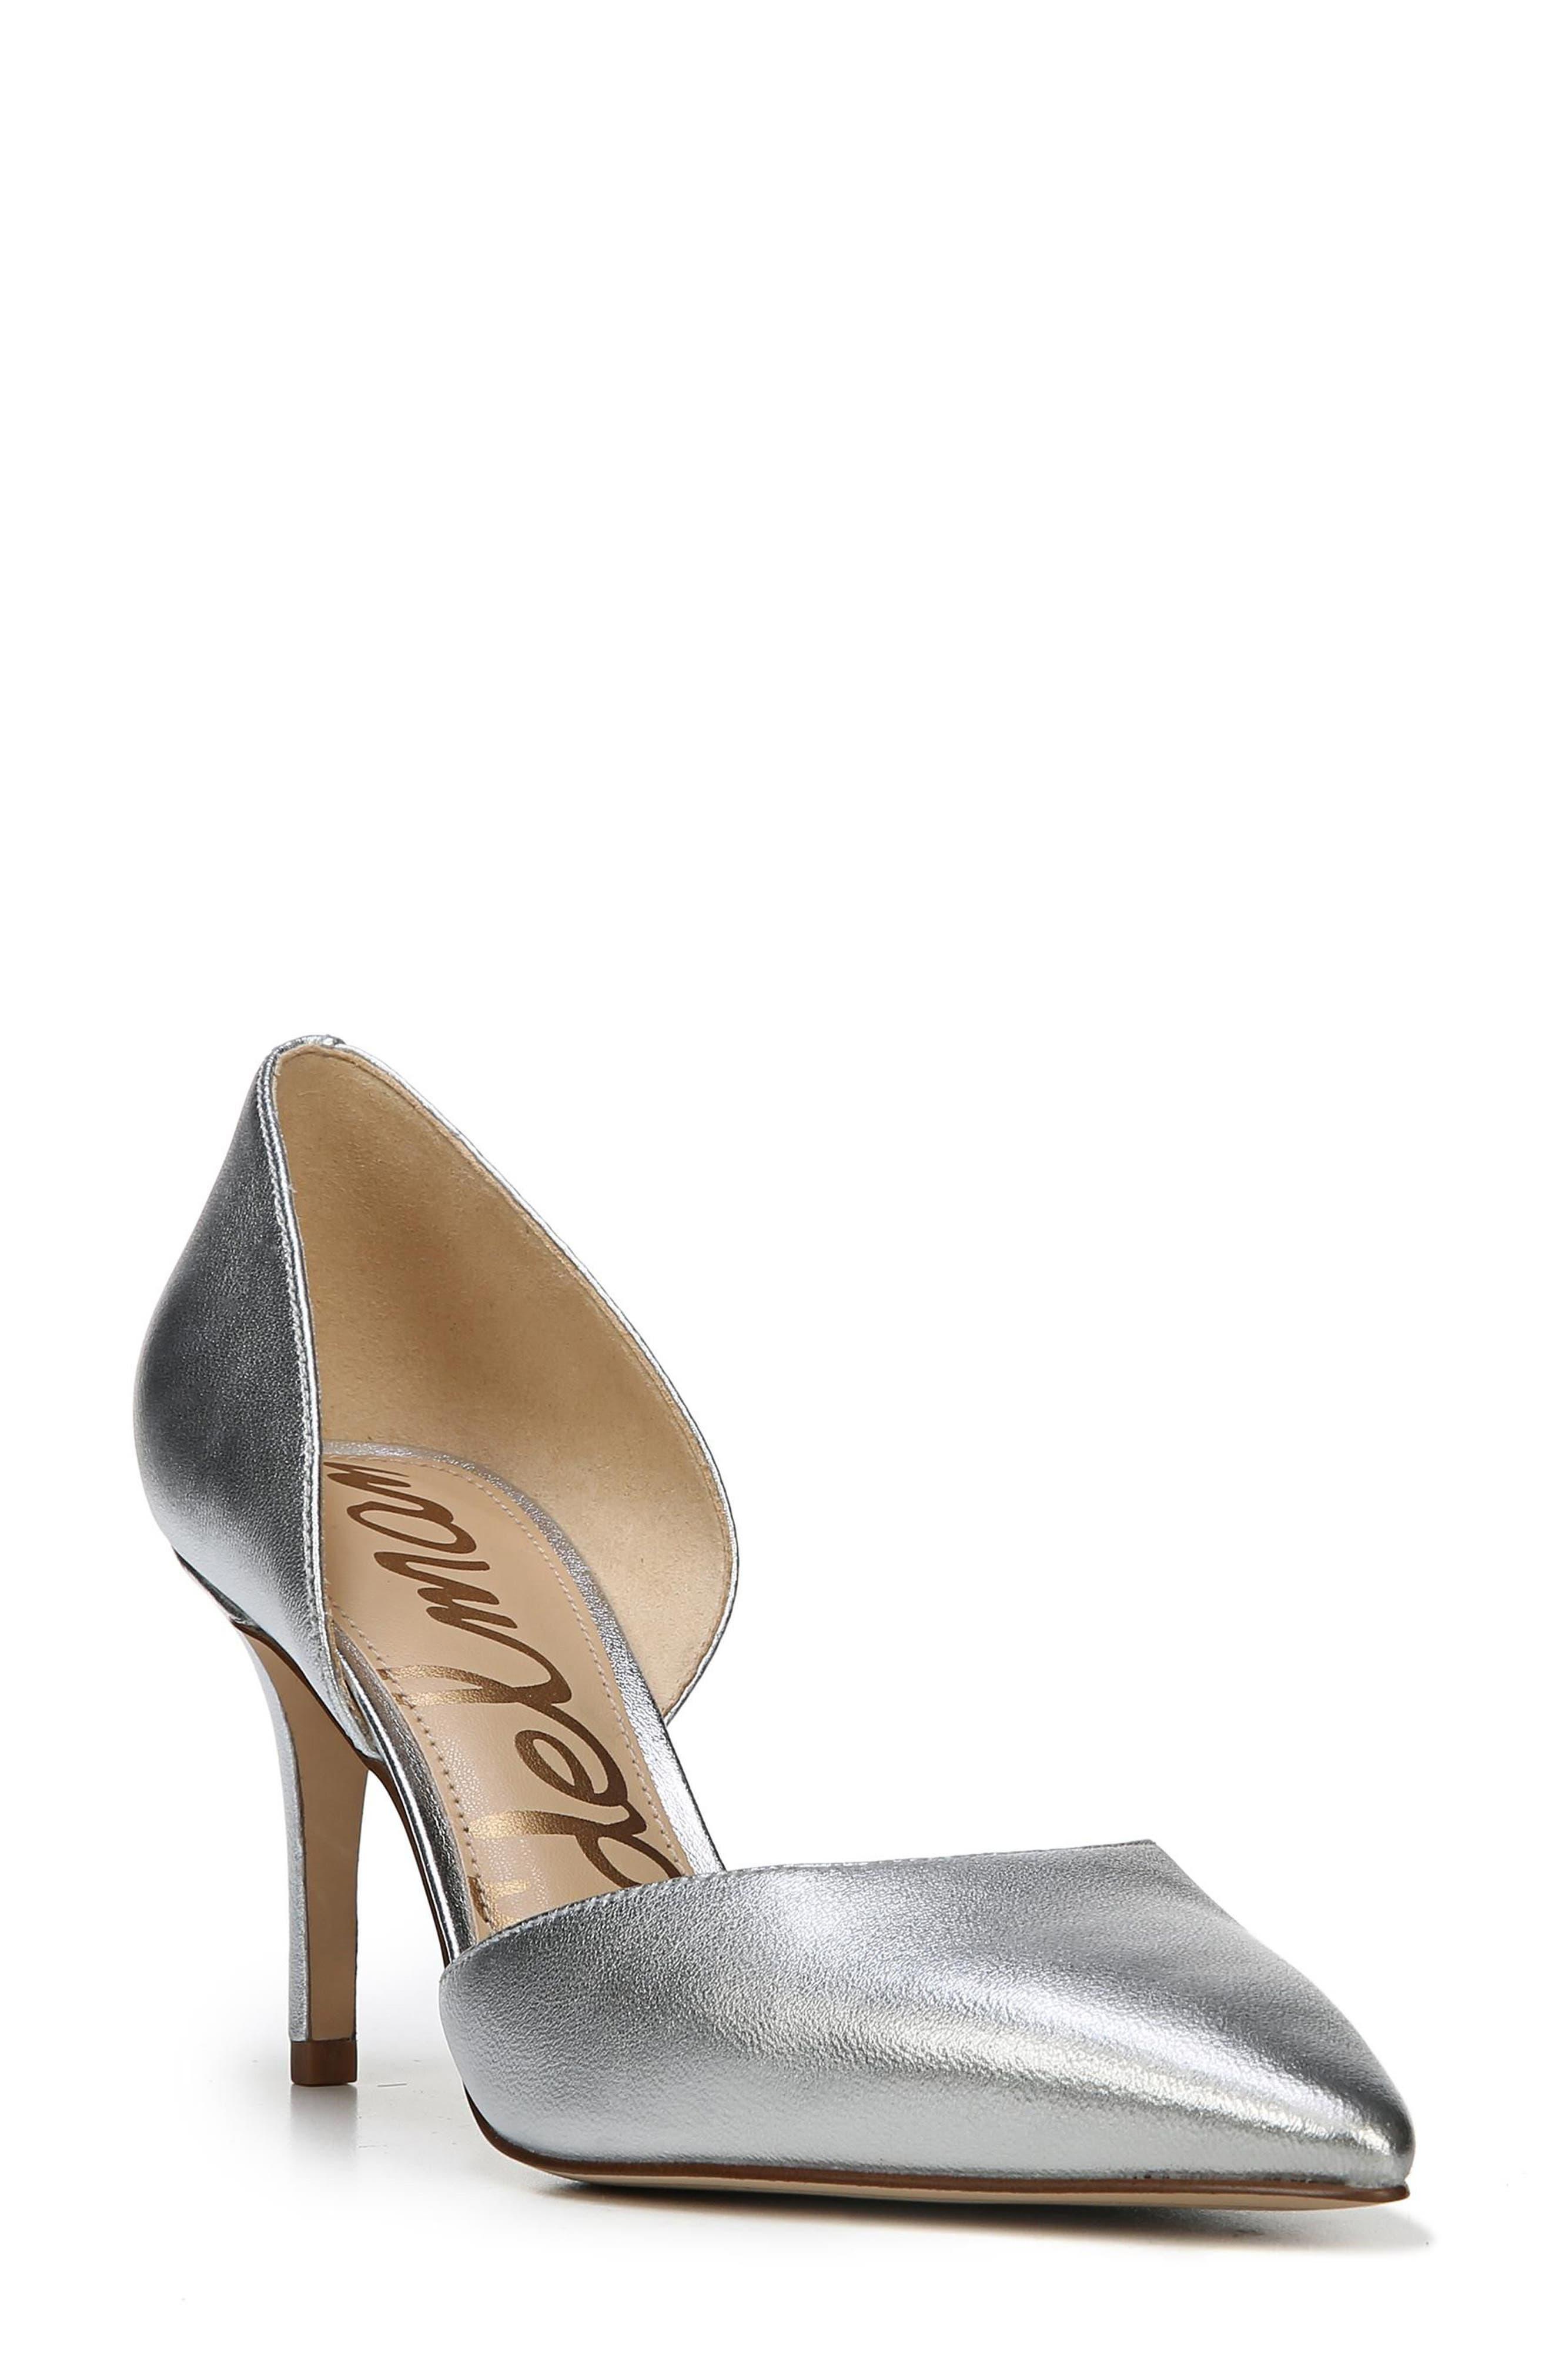 Sexy silver pumps